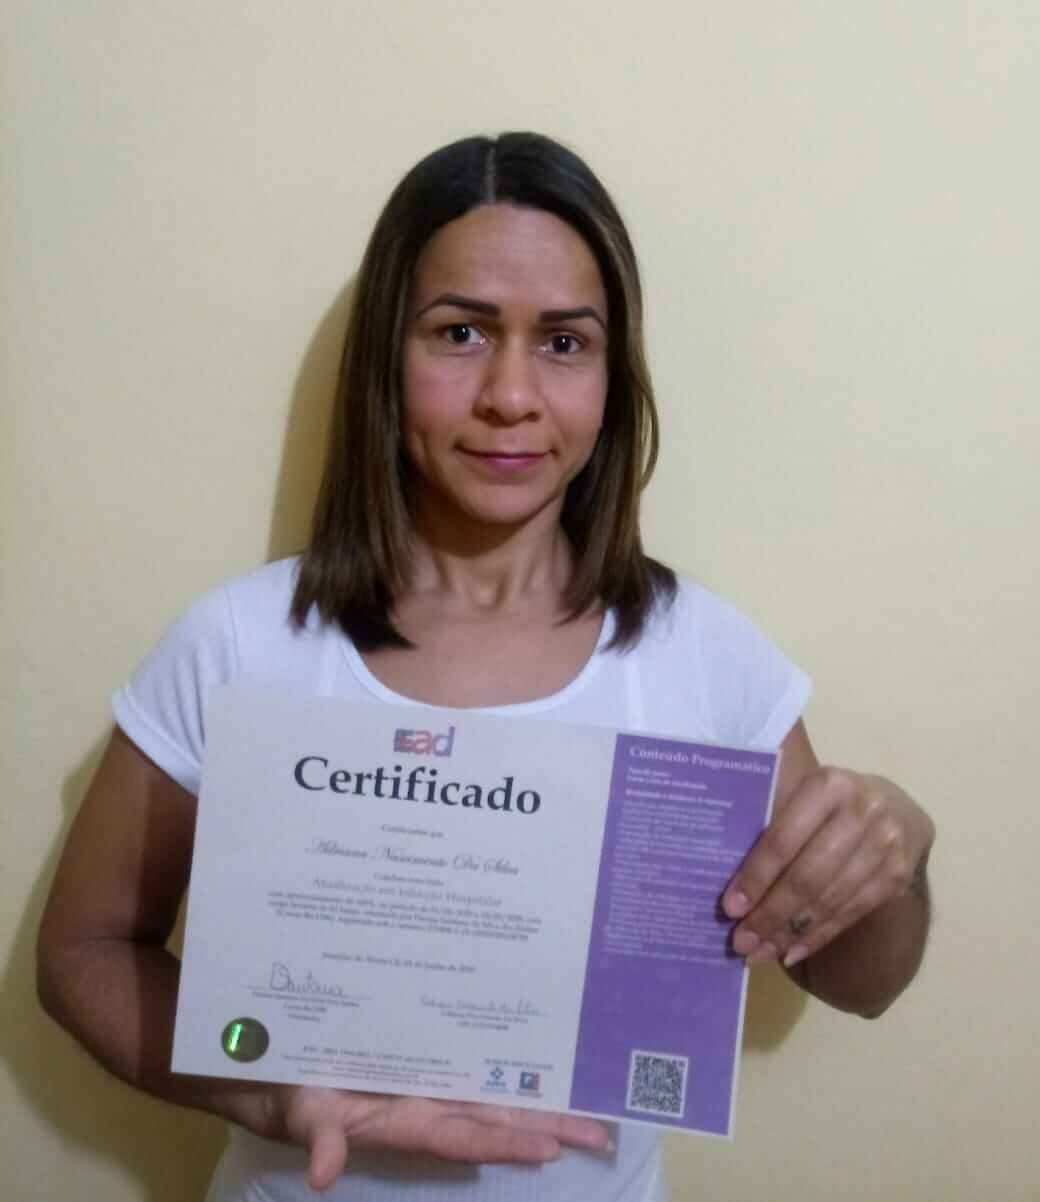 ADRIANA NASCIMENTO DA SILVA - SÃO PAULO - SP